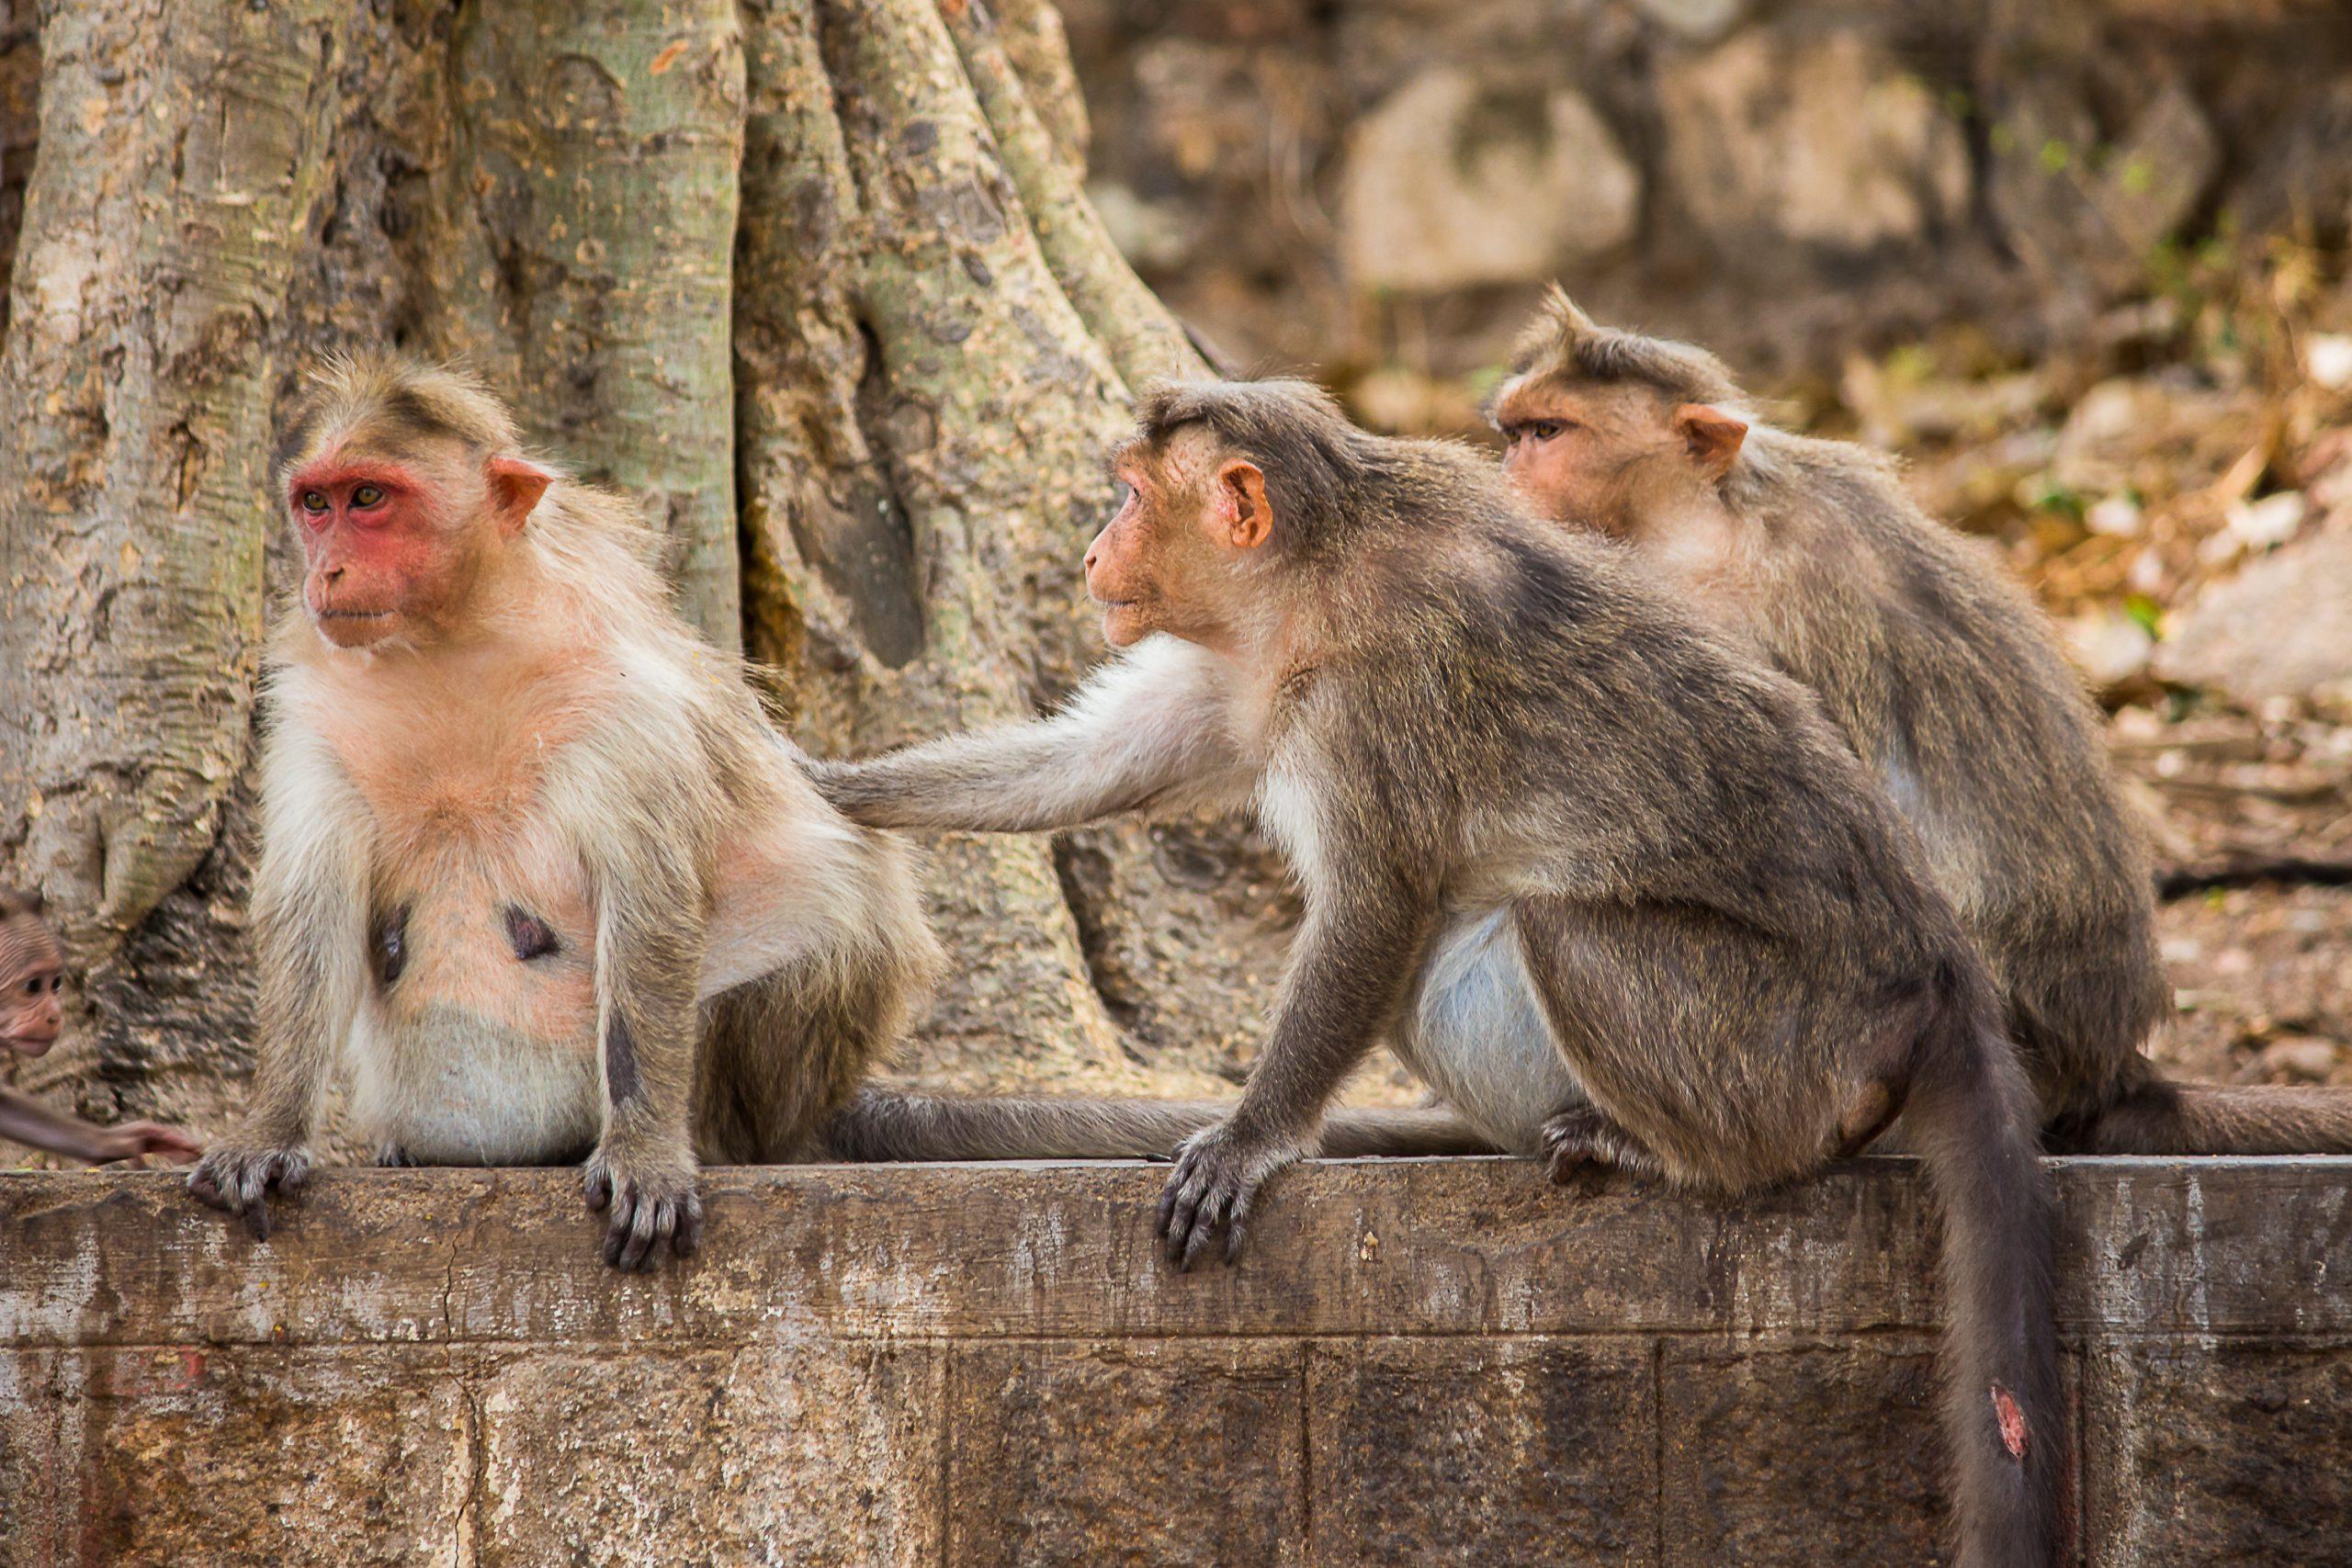 Portrait of monkeys